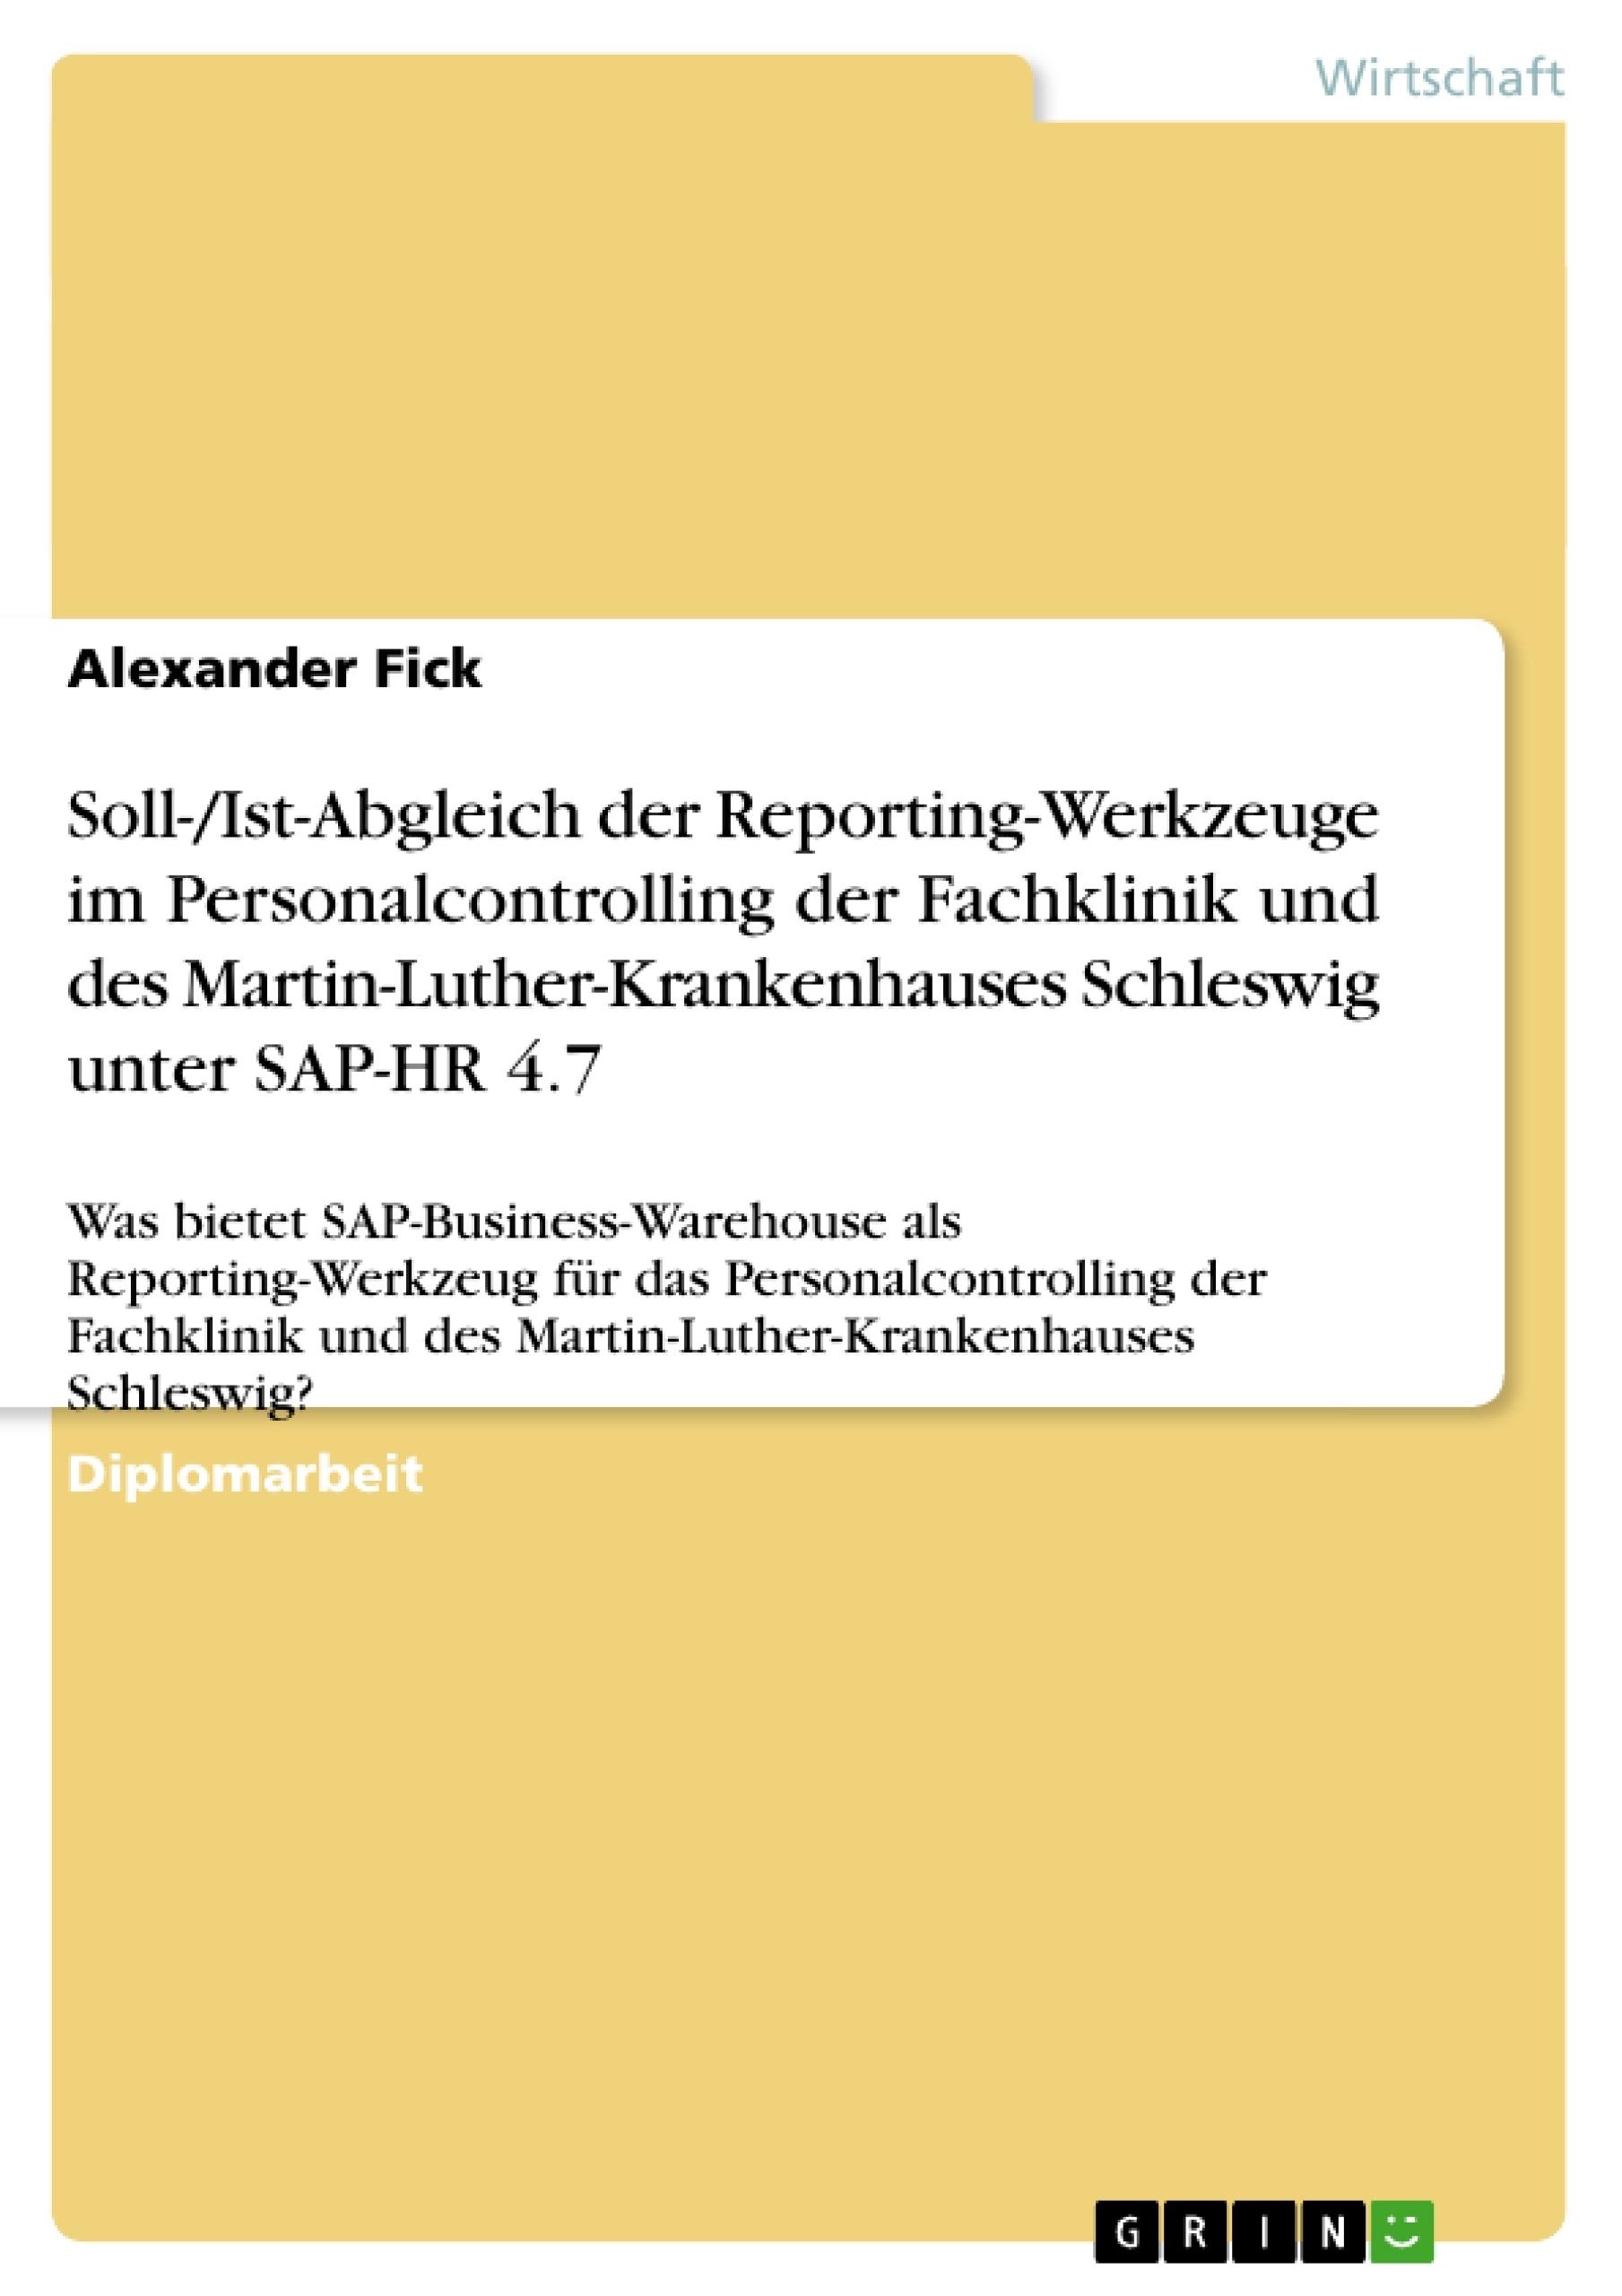 Titel: Soll-/Ist-Abgleich der Reporting-Werkzeuge im Personalcontrolling der Fachklinik und des Martin-Luther-Krankenhauses Schleswig unter SAP-HR 4.7